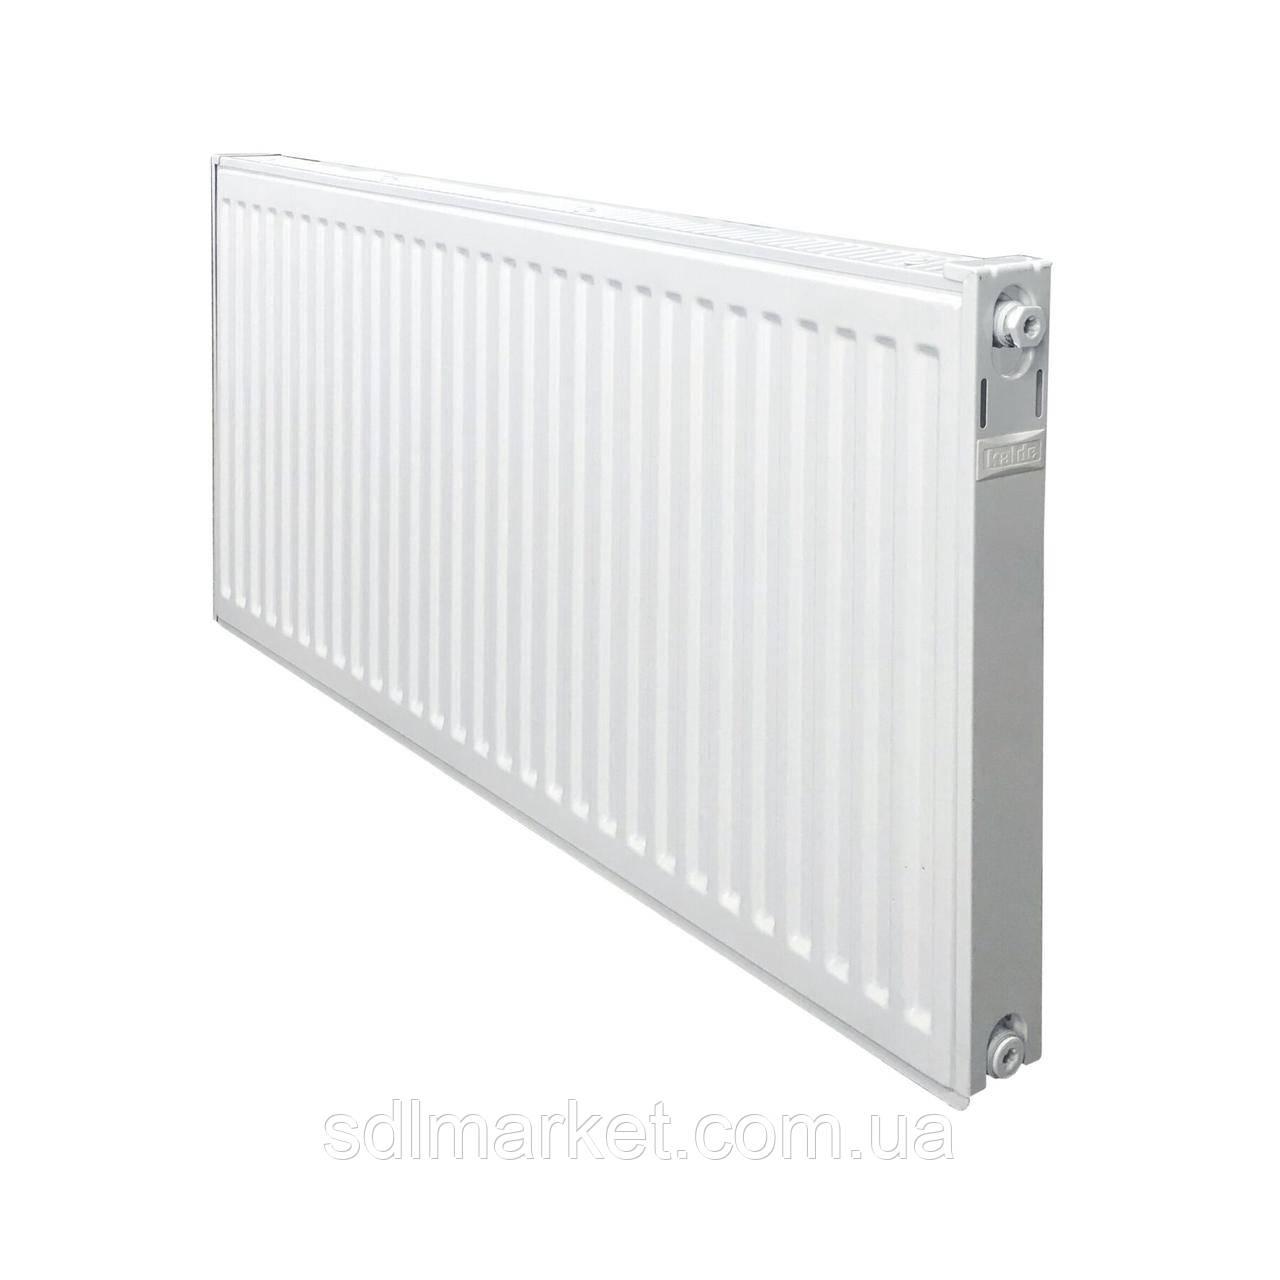 Радиатор стальной панельный KALDE 11 бок 500х1800